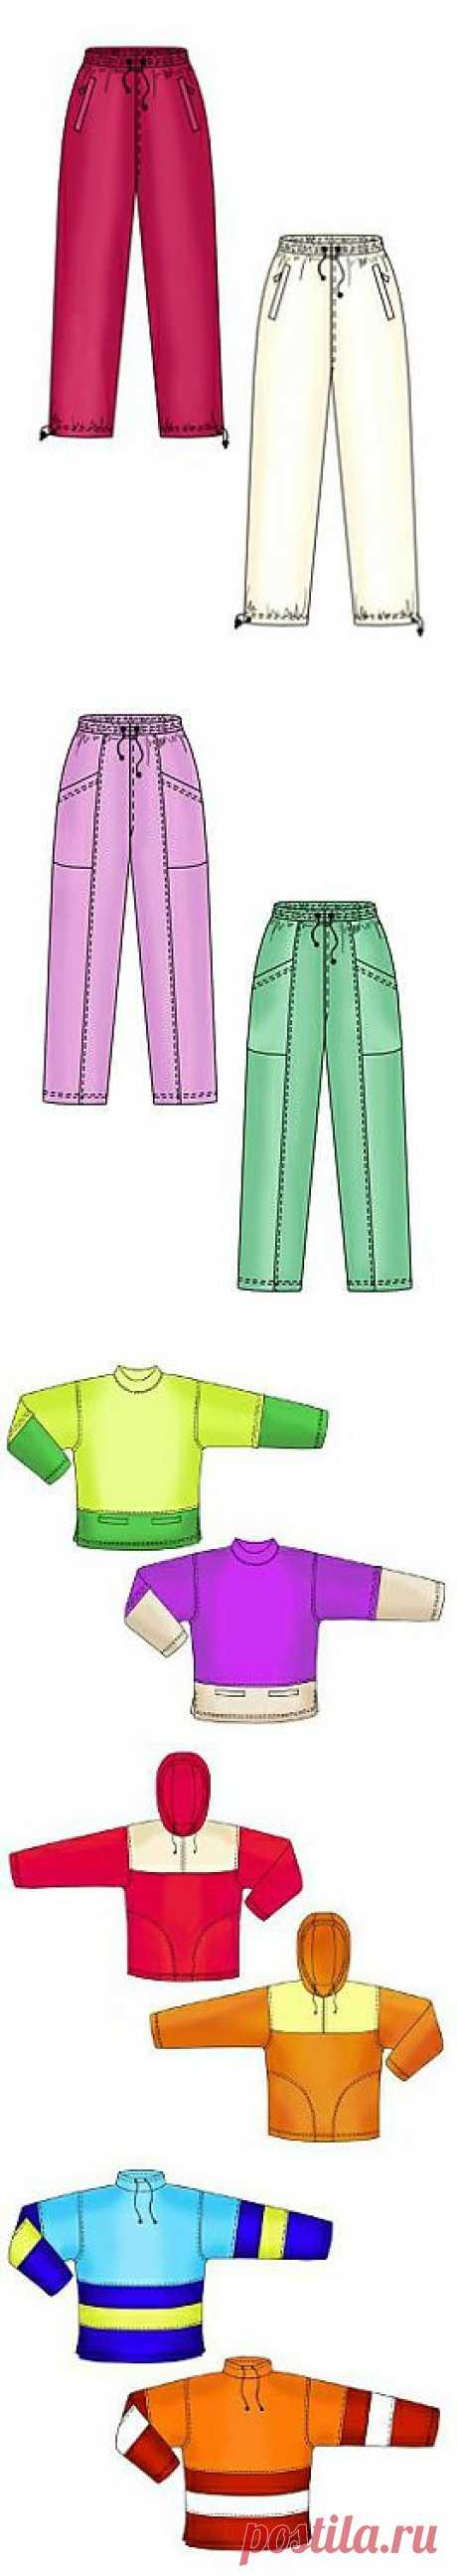 Выкройки на индивидуальные размеры Выкройки детской одежды здесь https://latelye.ru/mod-p.php?t=3&a=0&n=2